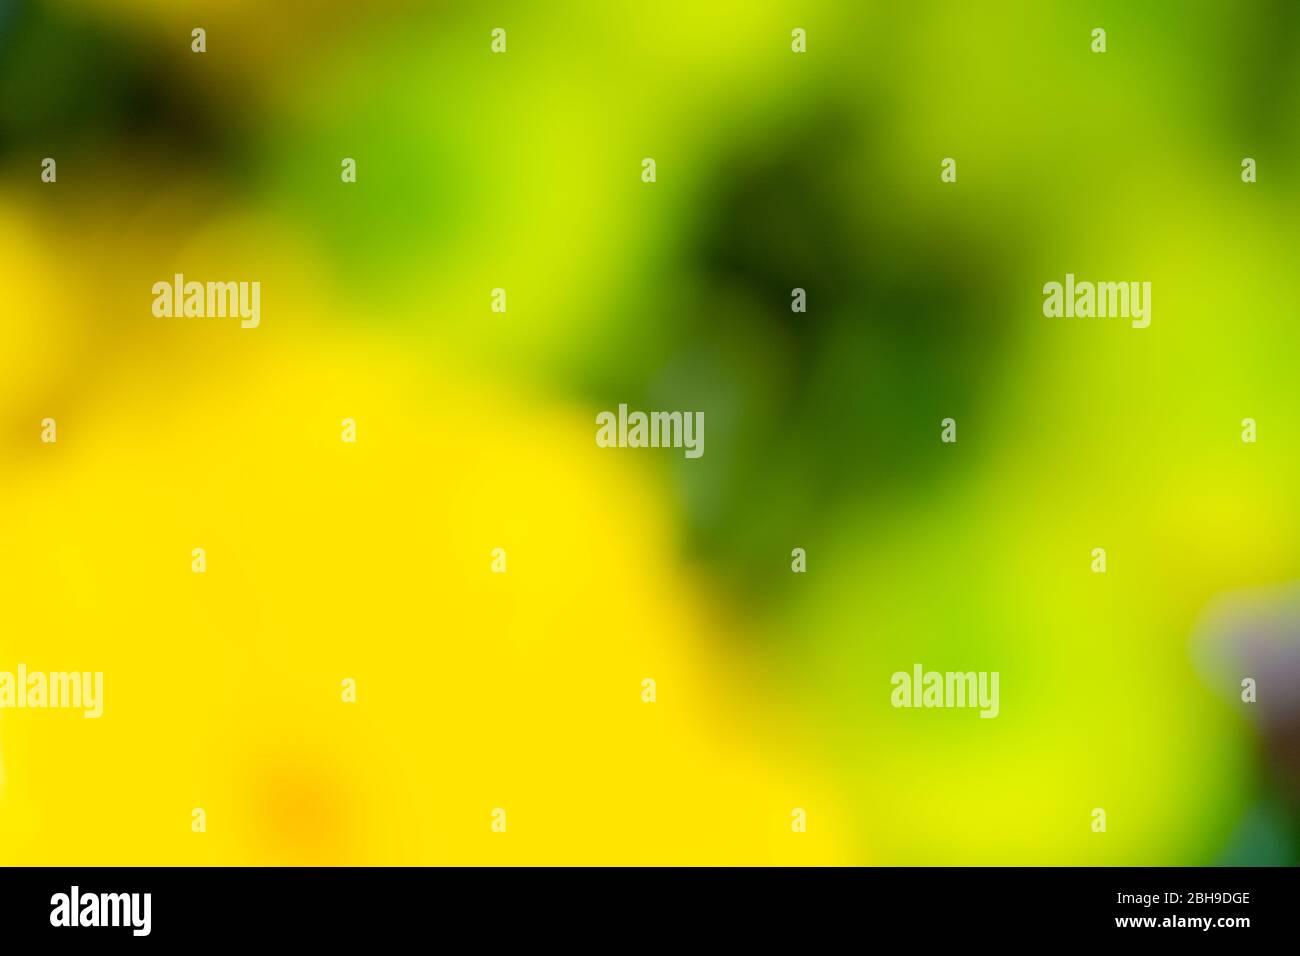 Una fotografía abstracta de flores que muestran colores brillantes y vibrantes Foto de stock